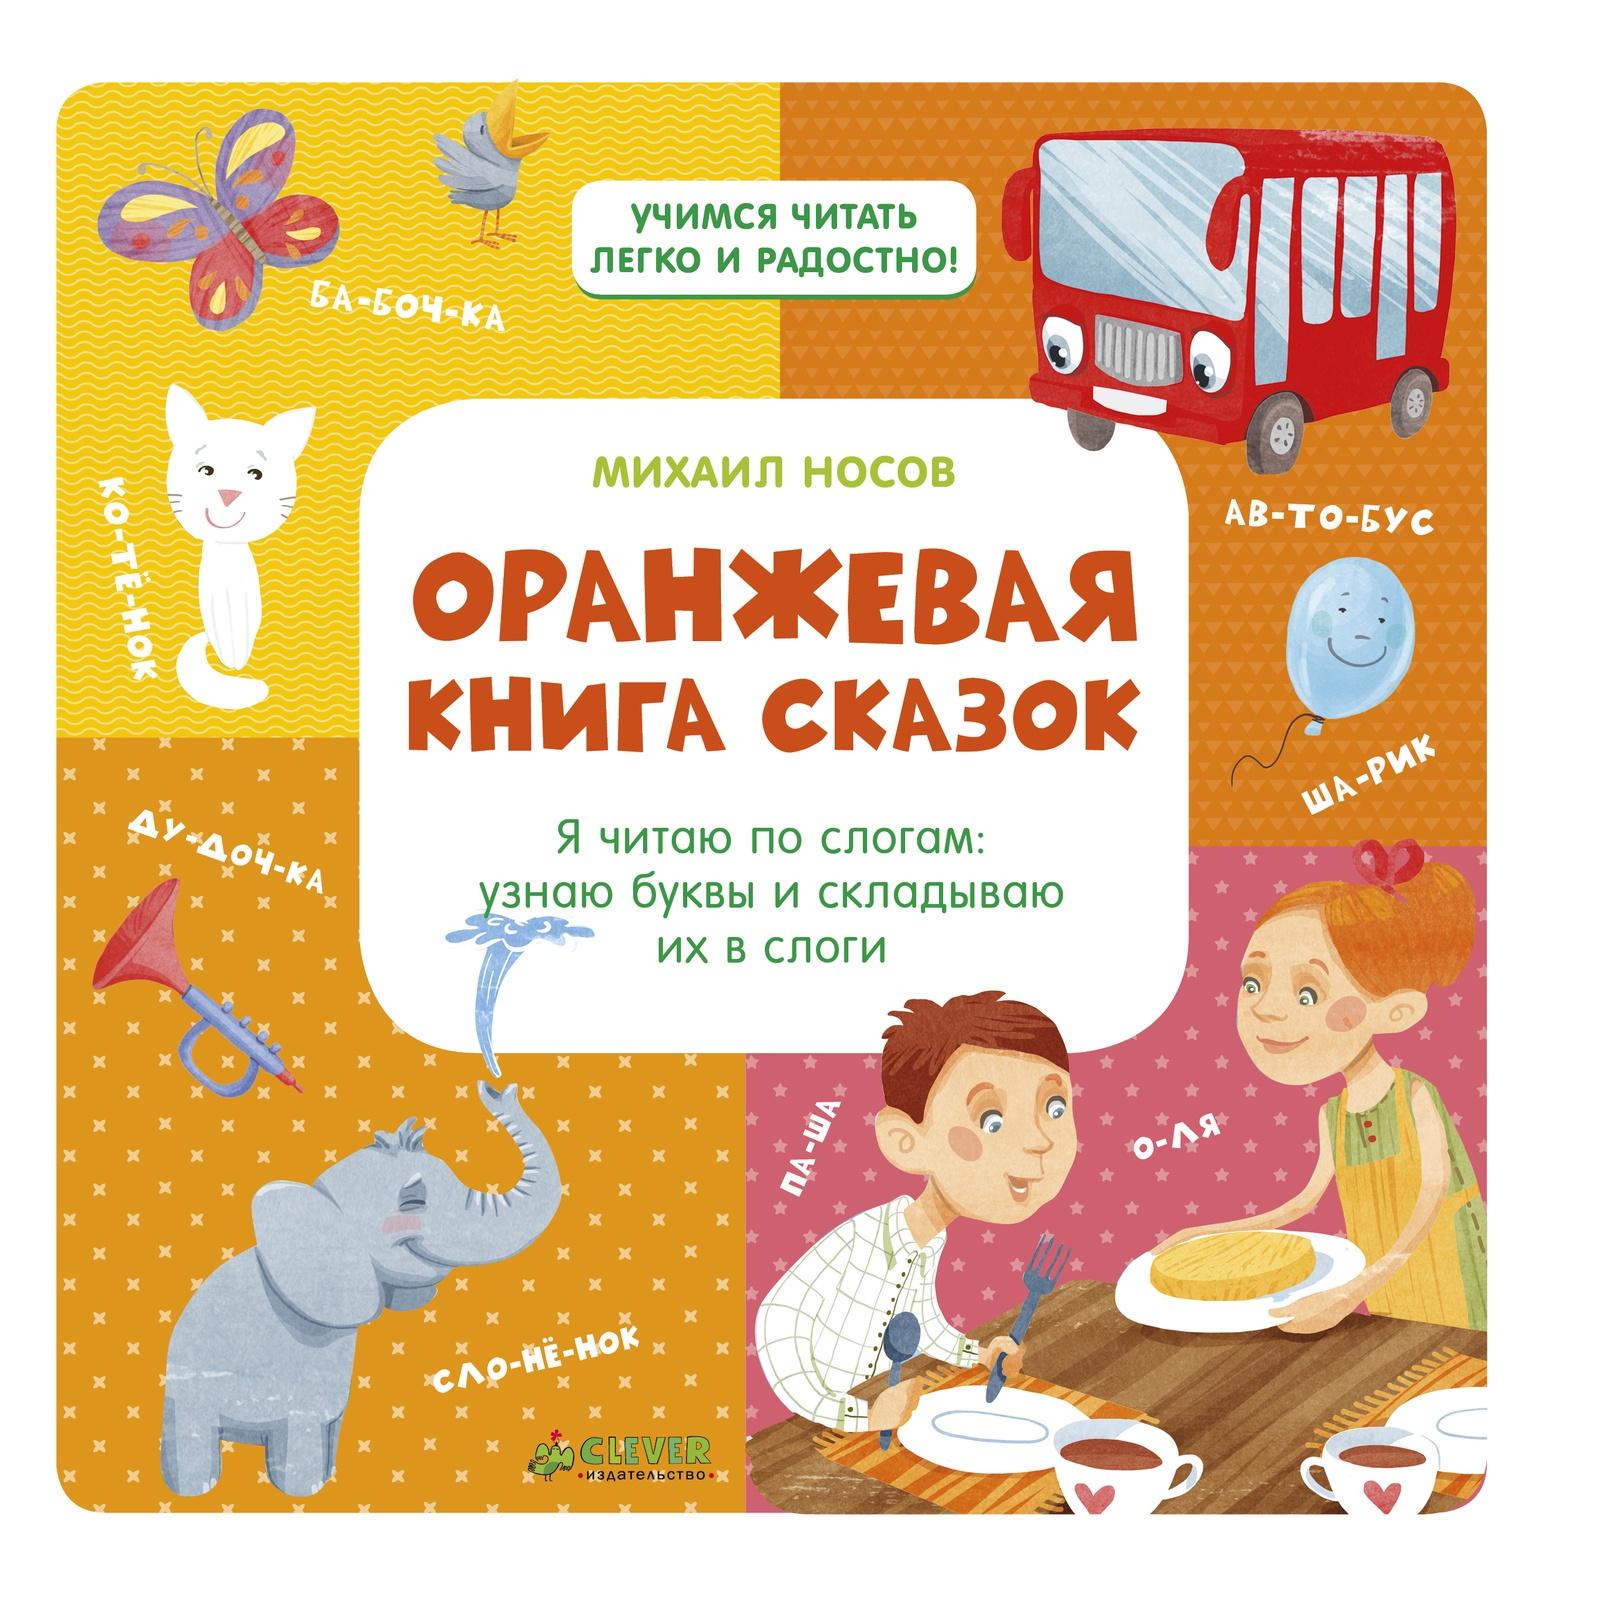 Михаил Носов Оранжевая книга сказок. Я читаю по слогам. Узнаю буквы и складываю их в слоги